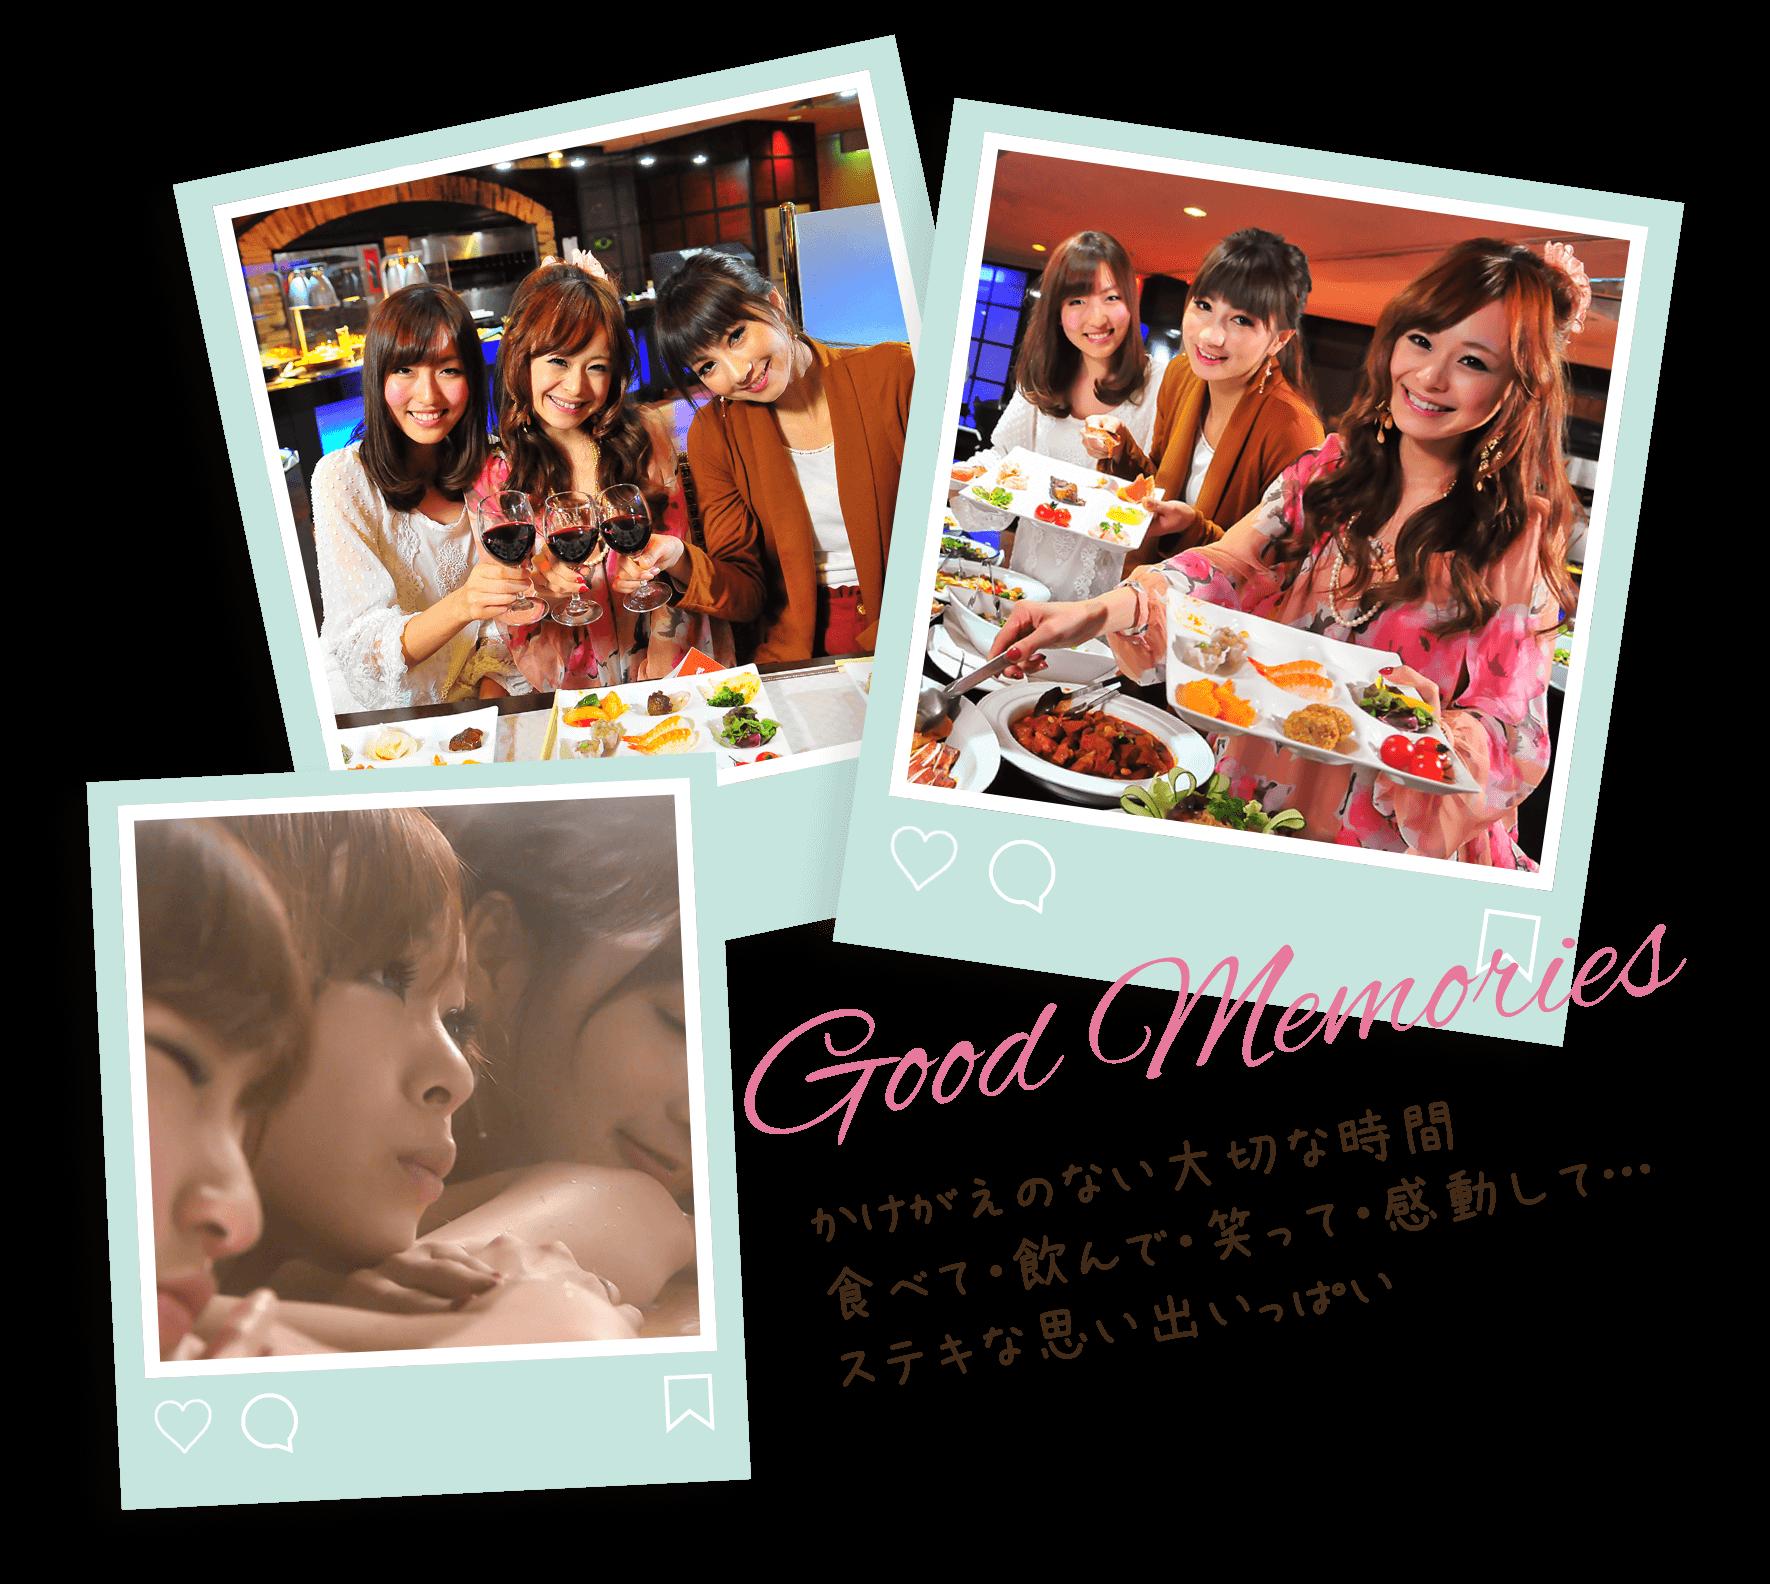 Good Memories かけがえのない大切な時間 食べて・飲んで・笑って・感動して…ステキな思い出いっぱい